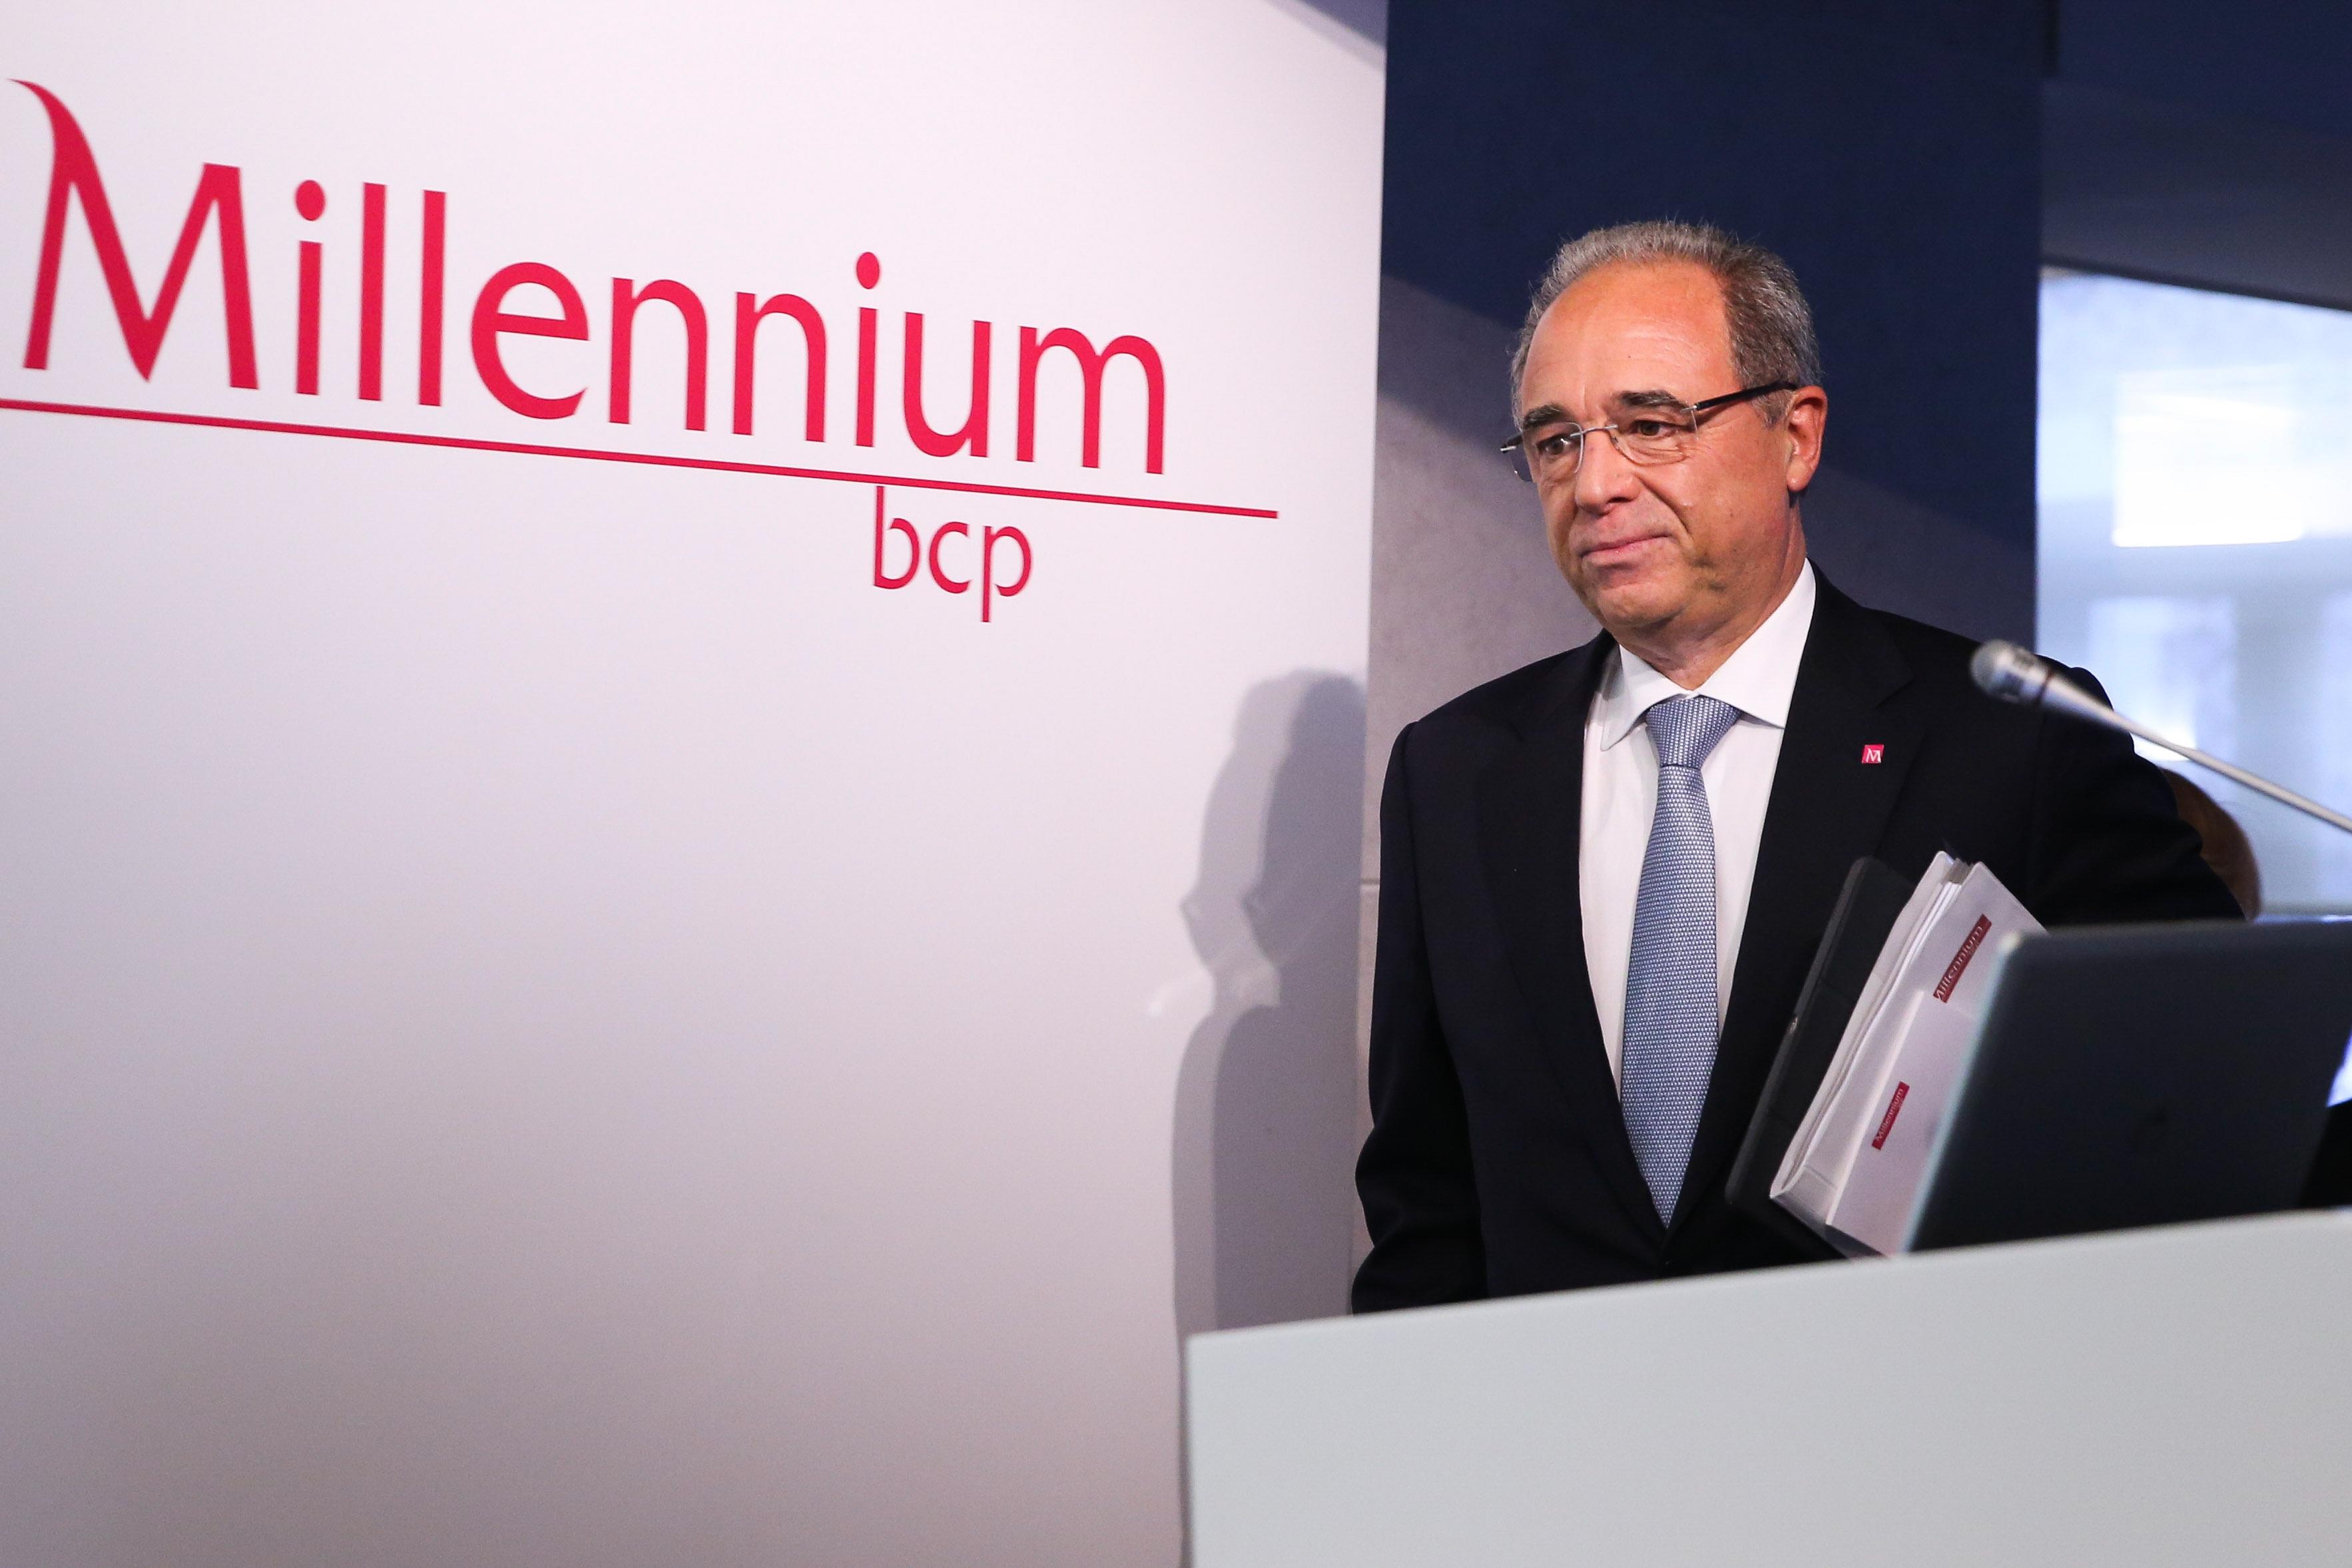 BCP sobe lucro para 186,4 milhões de euros